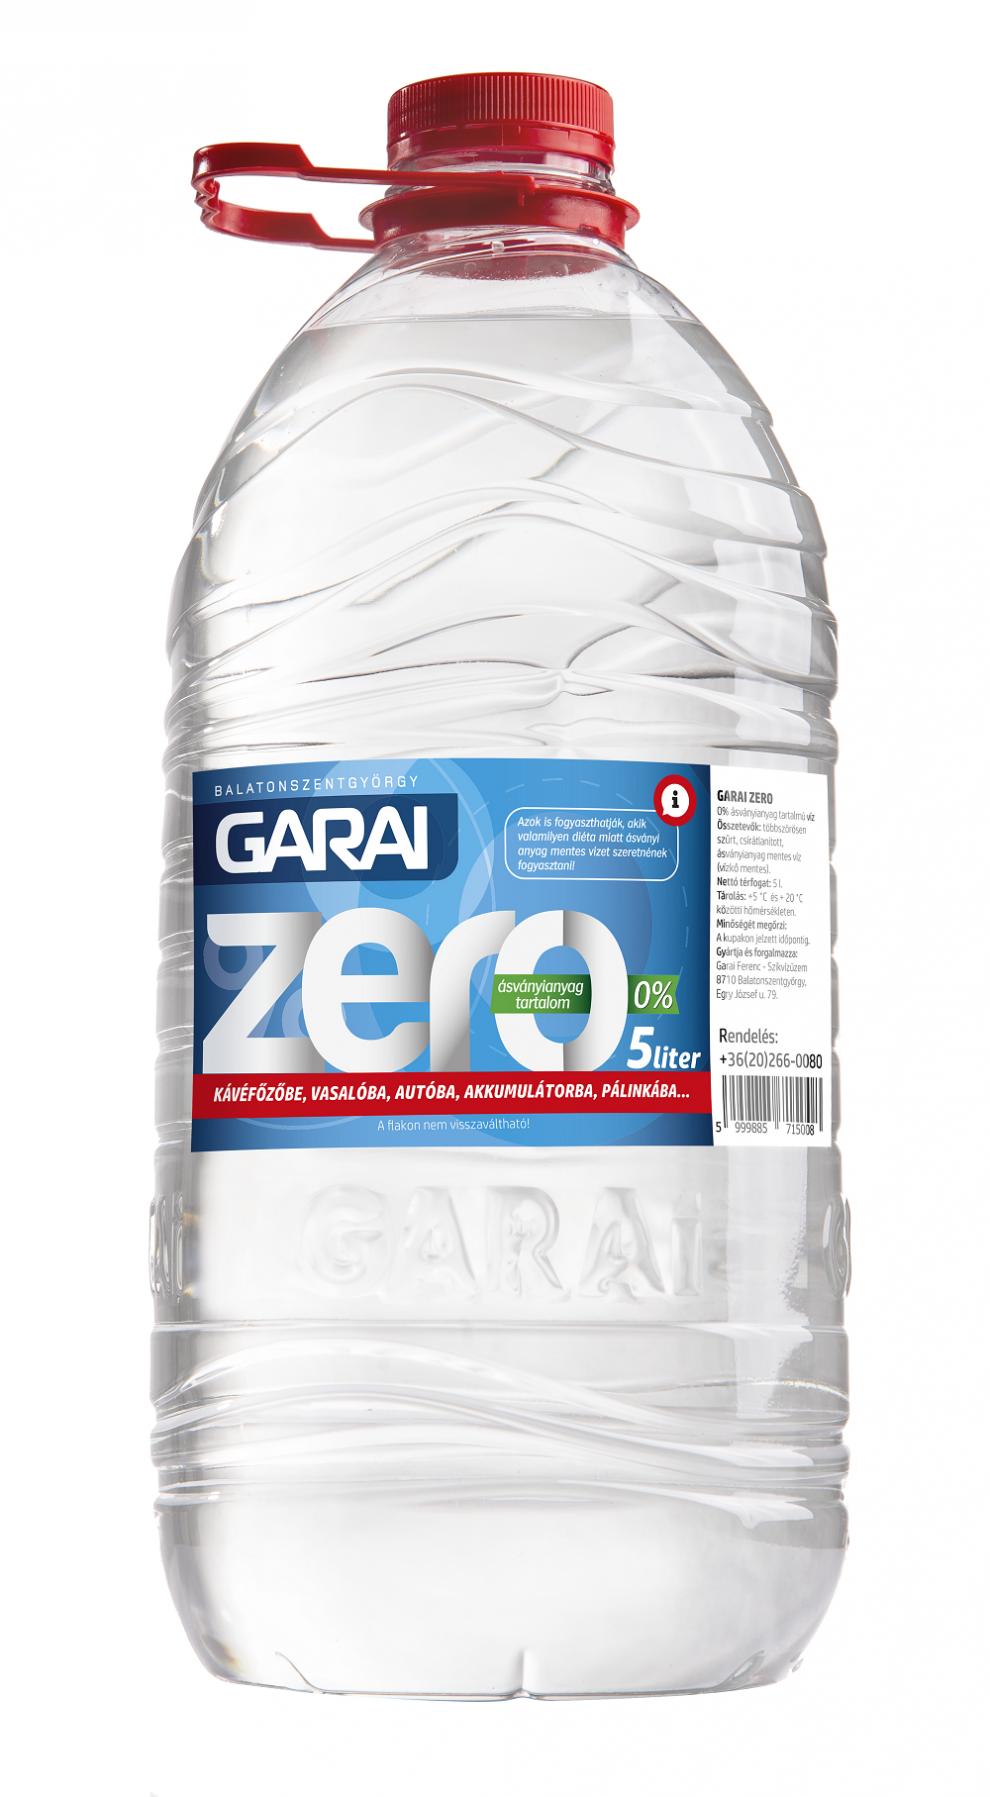 5l-garai-zero